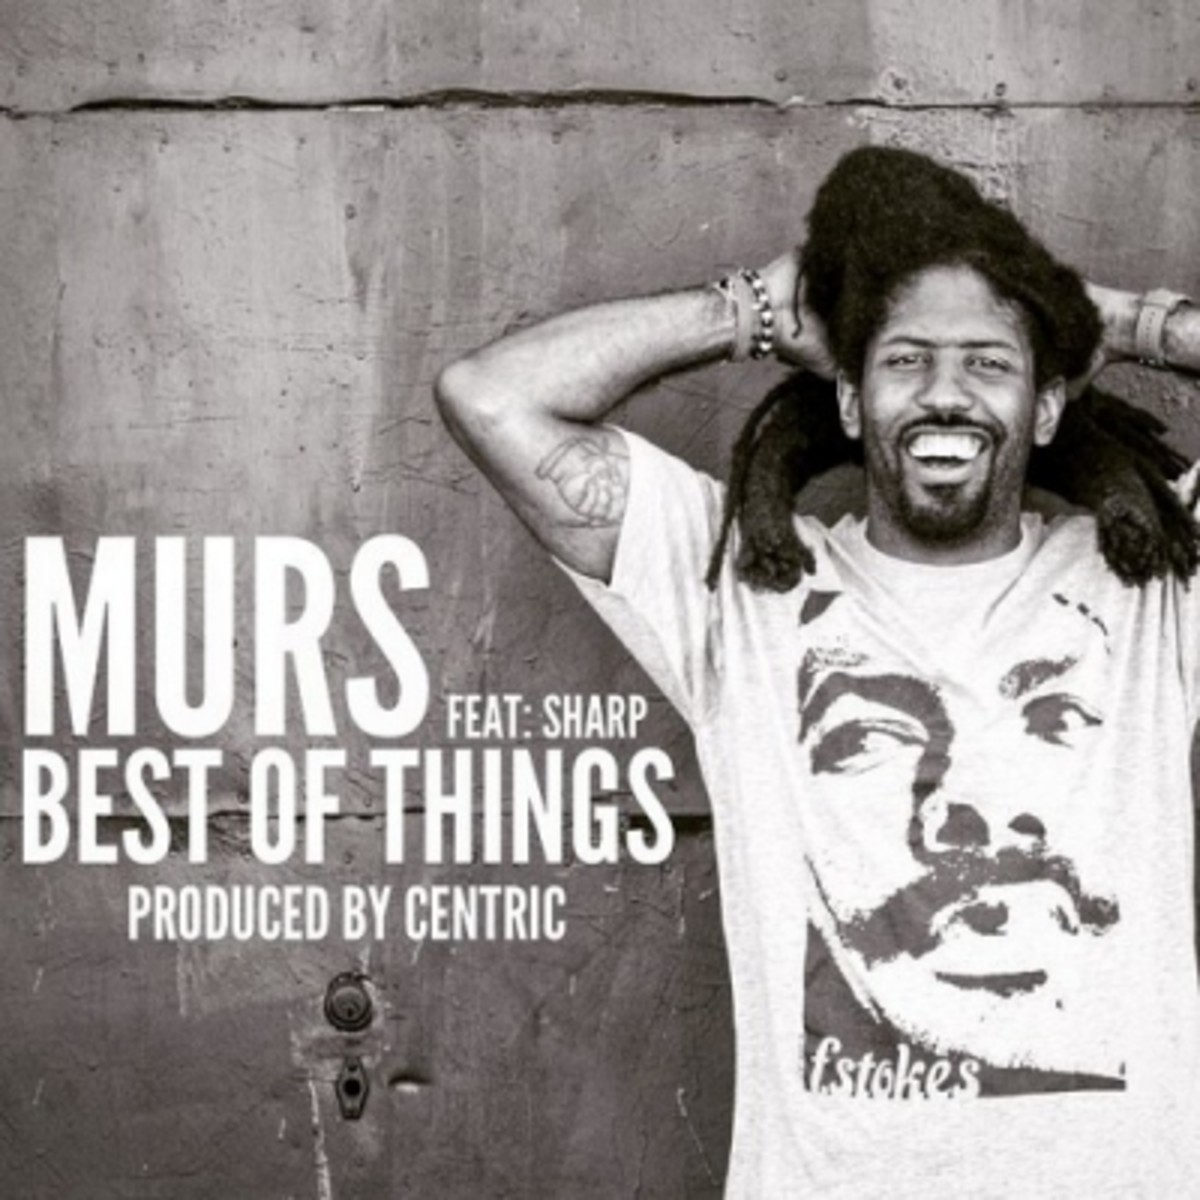 murs-best-of-things.jpg